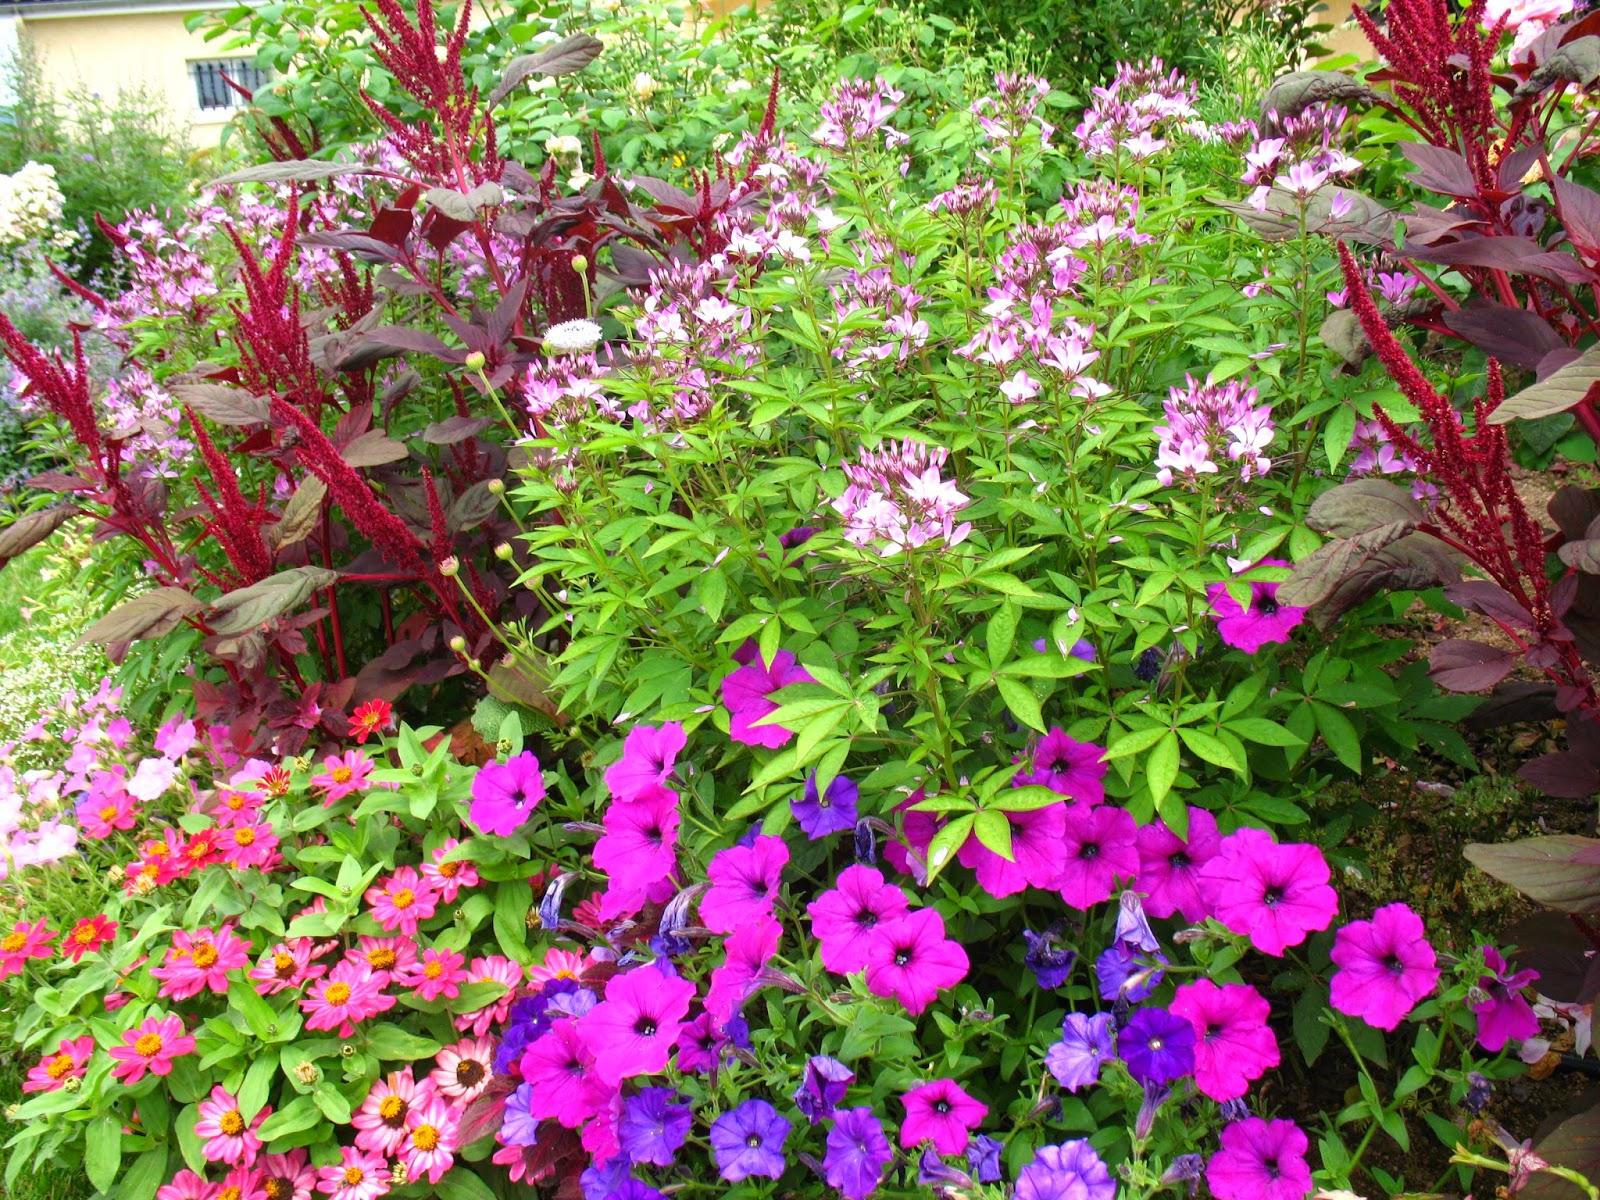 Roses Du Jardin Ch Neland Festival De Fleurs D 39 T